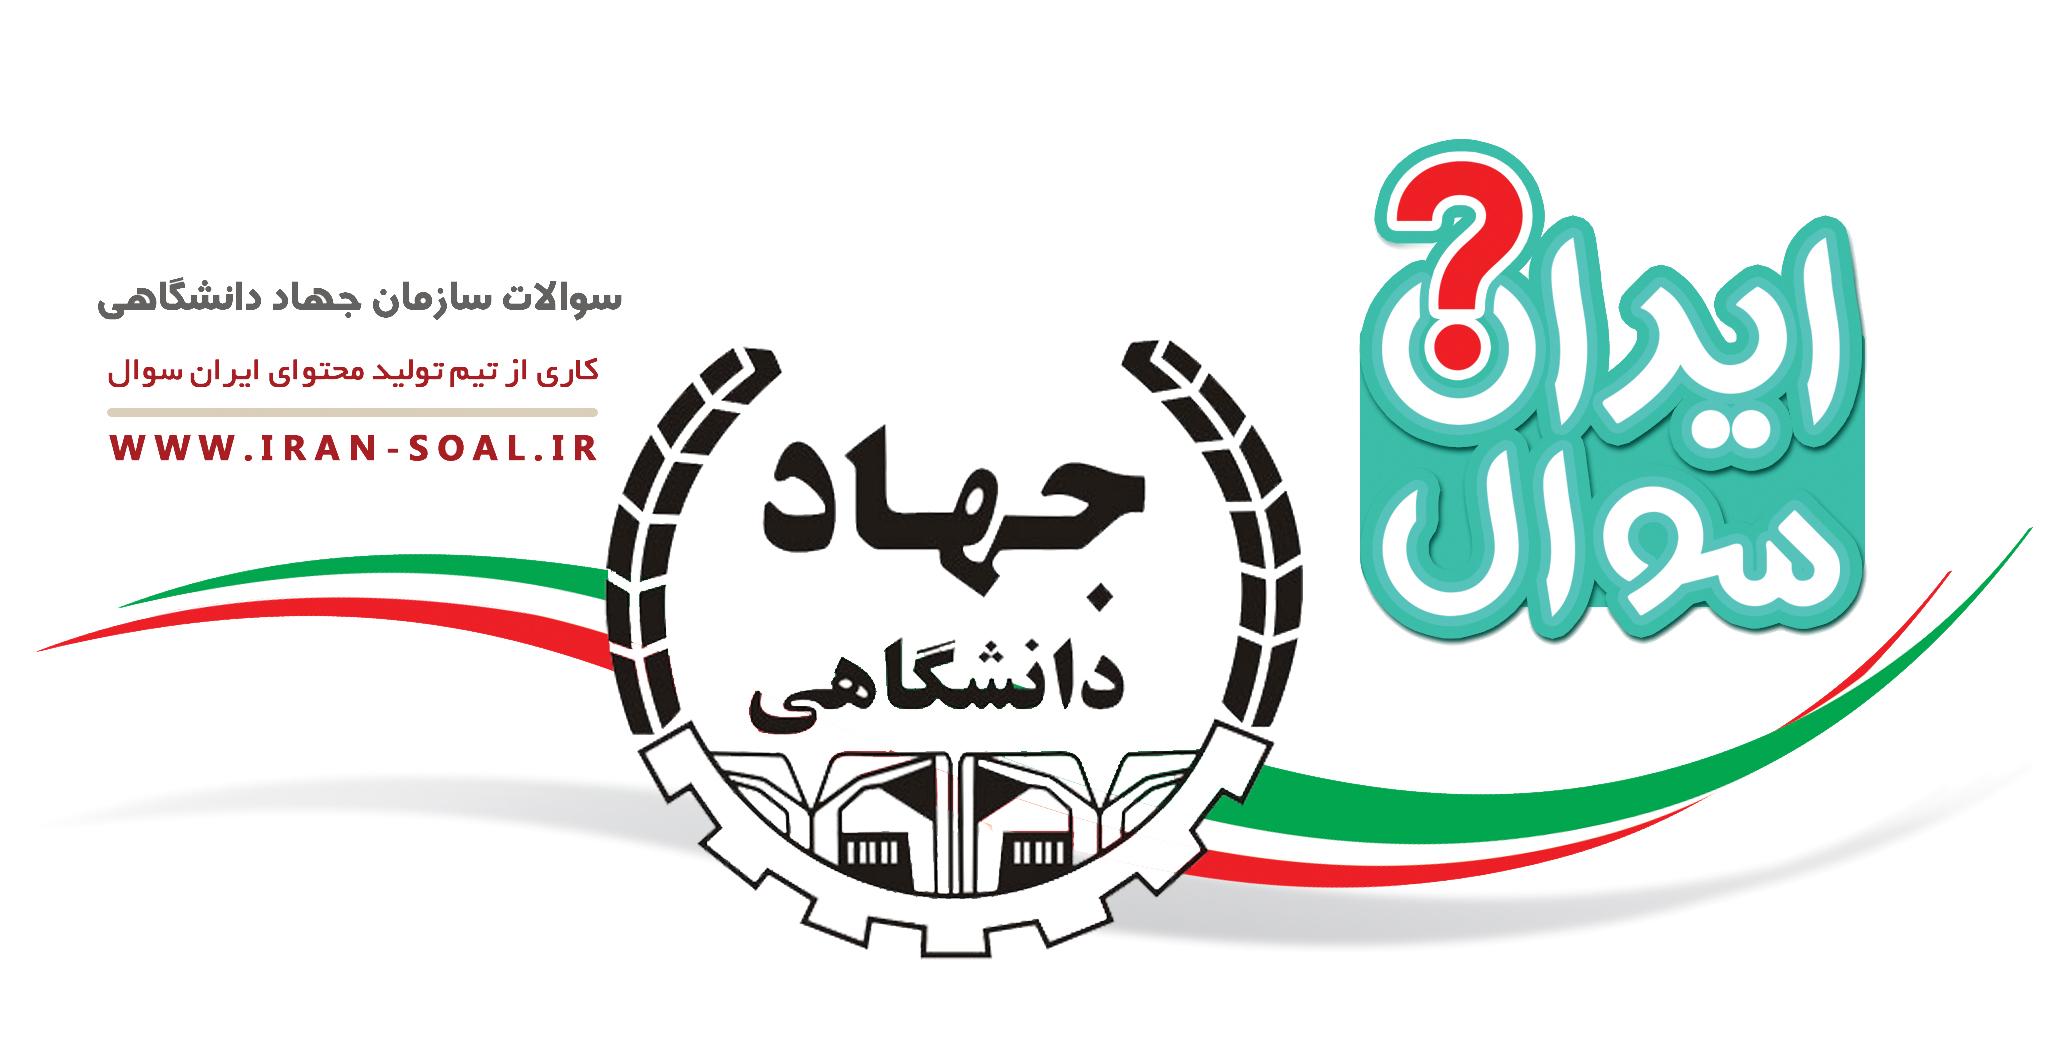 سوالات استخدامی سازمان جهاد دانشگاهی